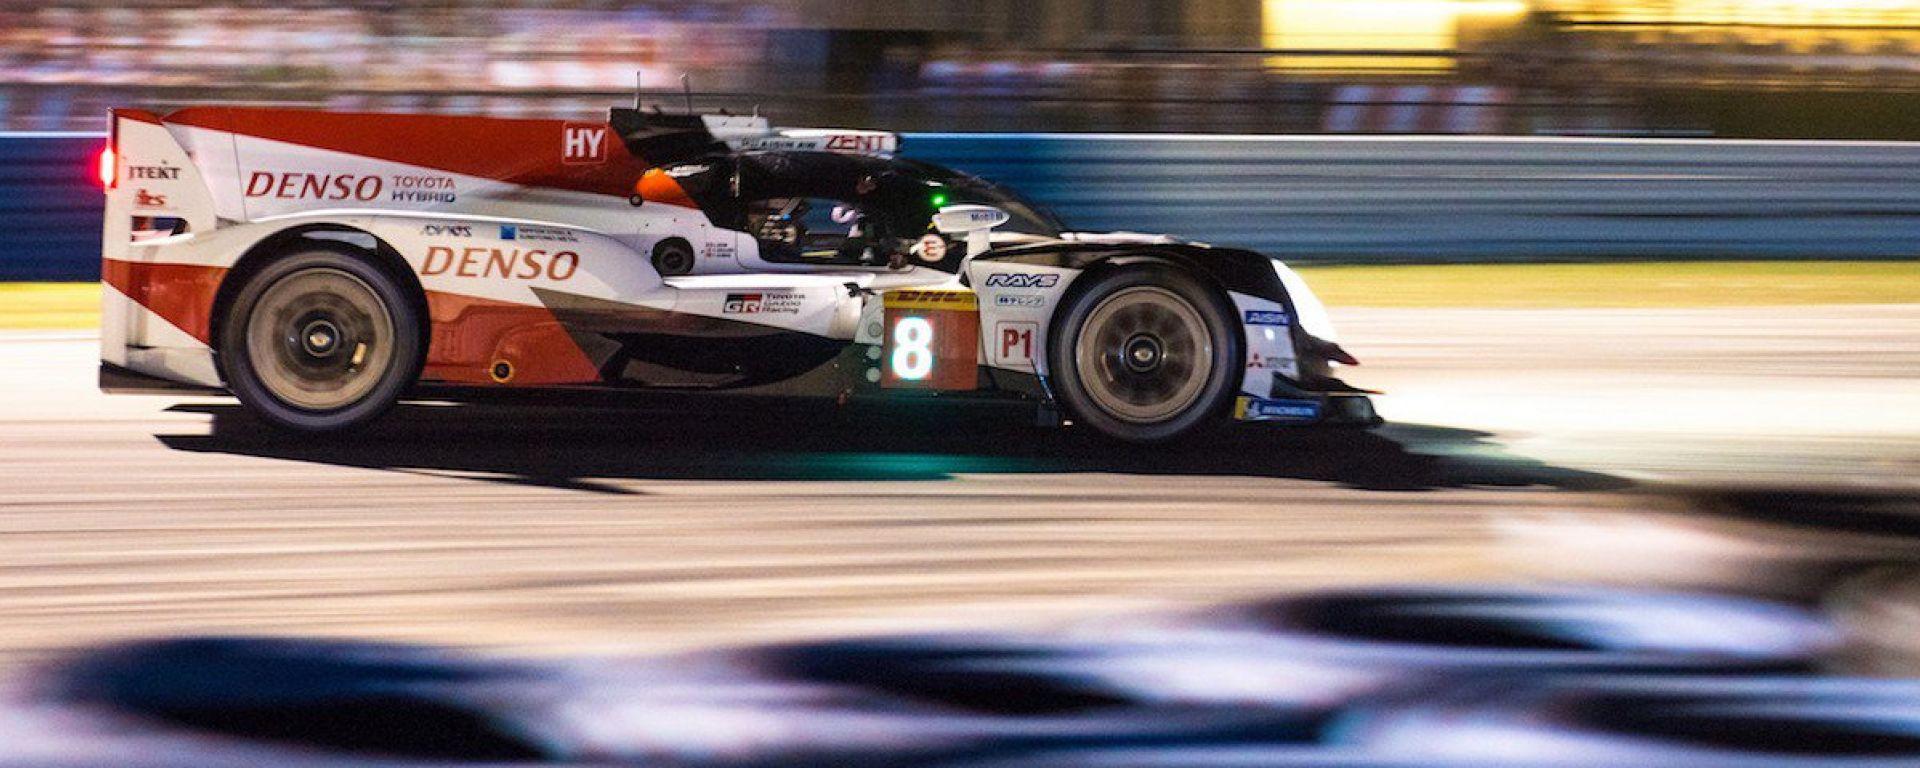 1000 Miglia di Sebring 2019: la vittoria va alla Toyota di Alonso, Nakajima e Buemi